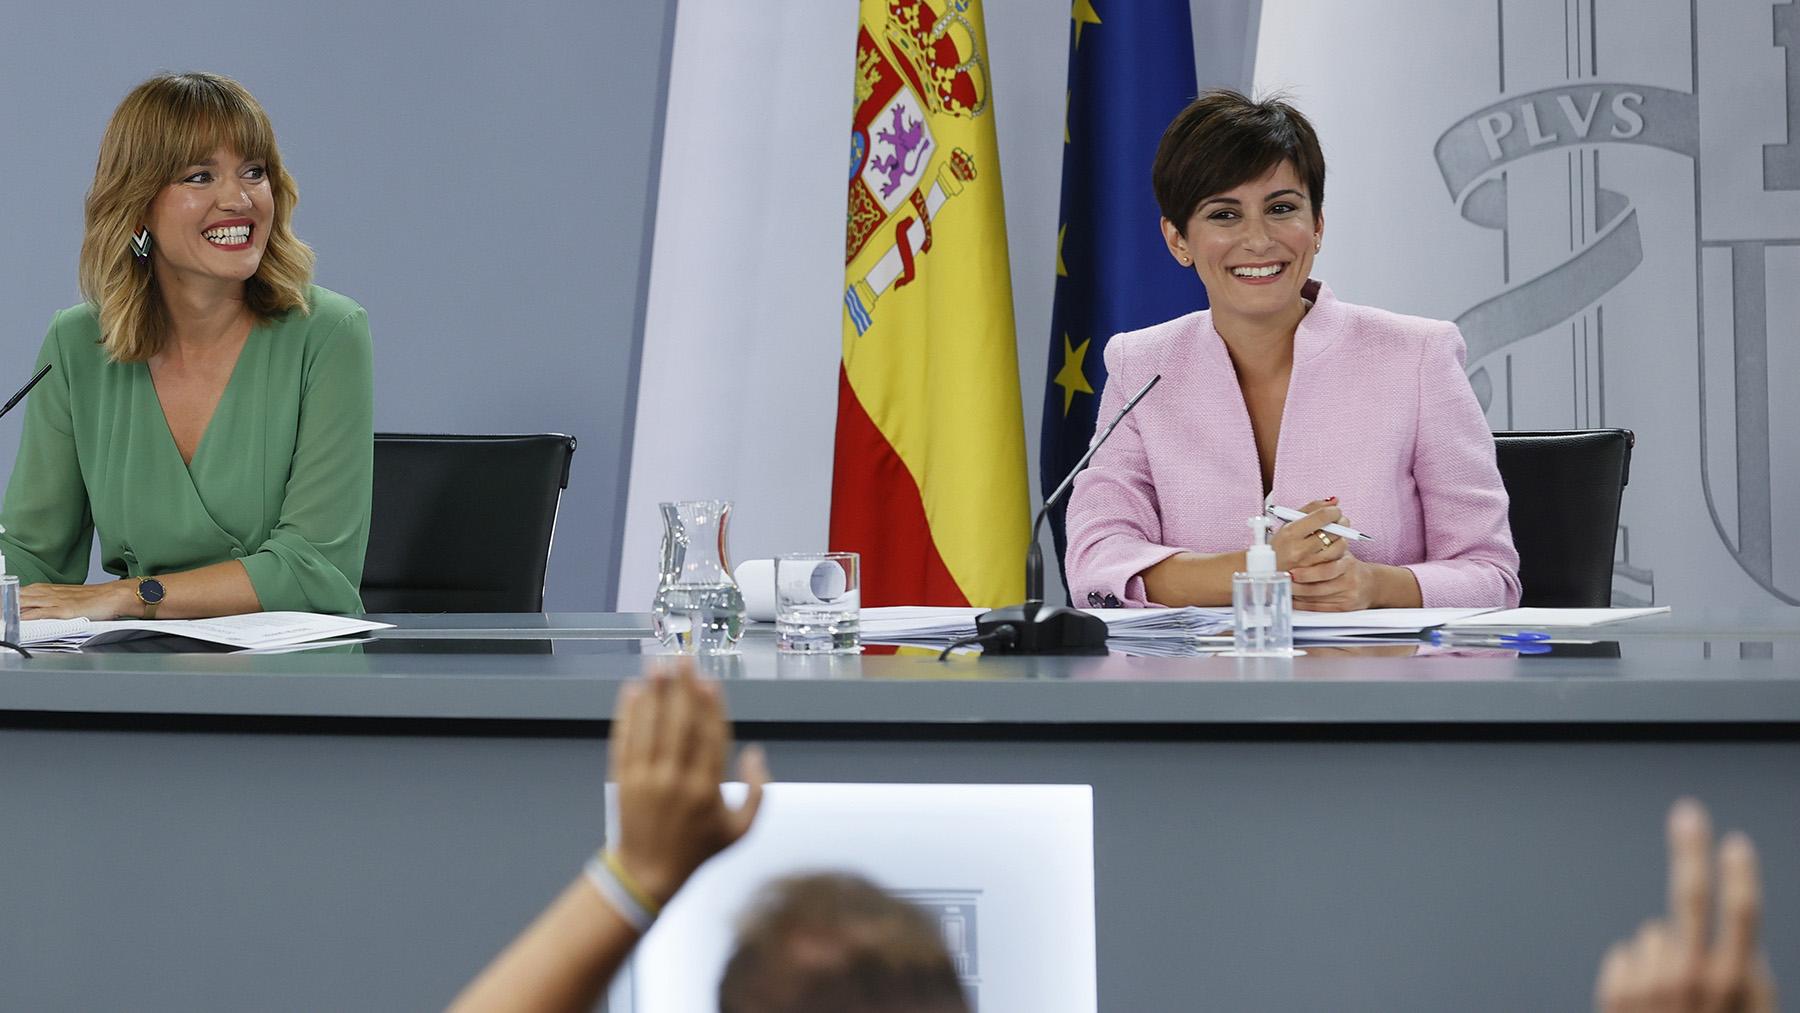 Las nuevas ministras de Educación y Formación Profesional, Pilar Alegría, y de Política Territorial y portavoz del Gobierno, Isabel Rodríguez.